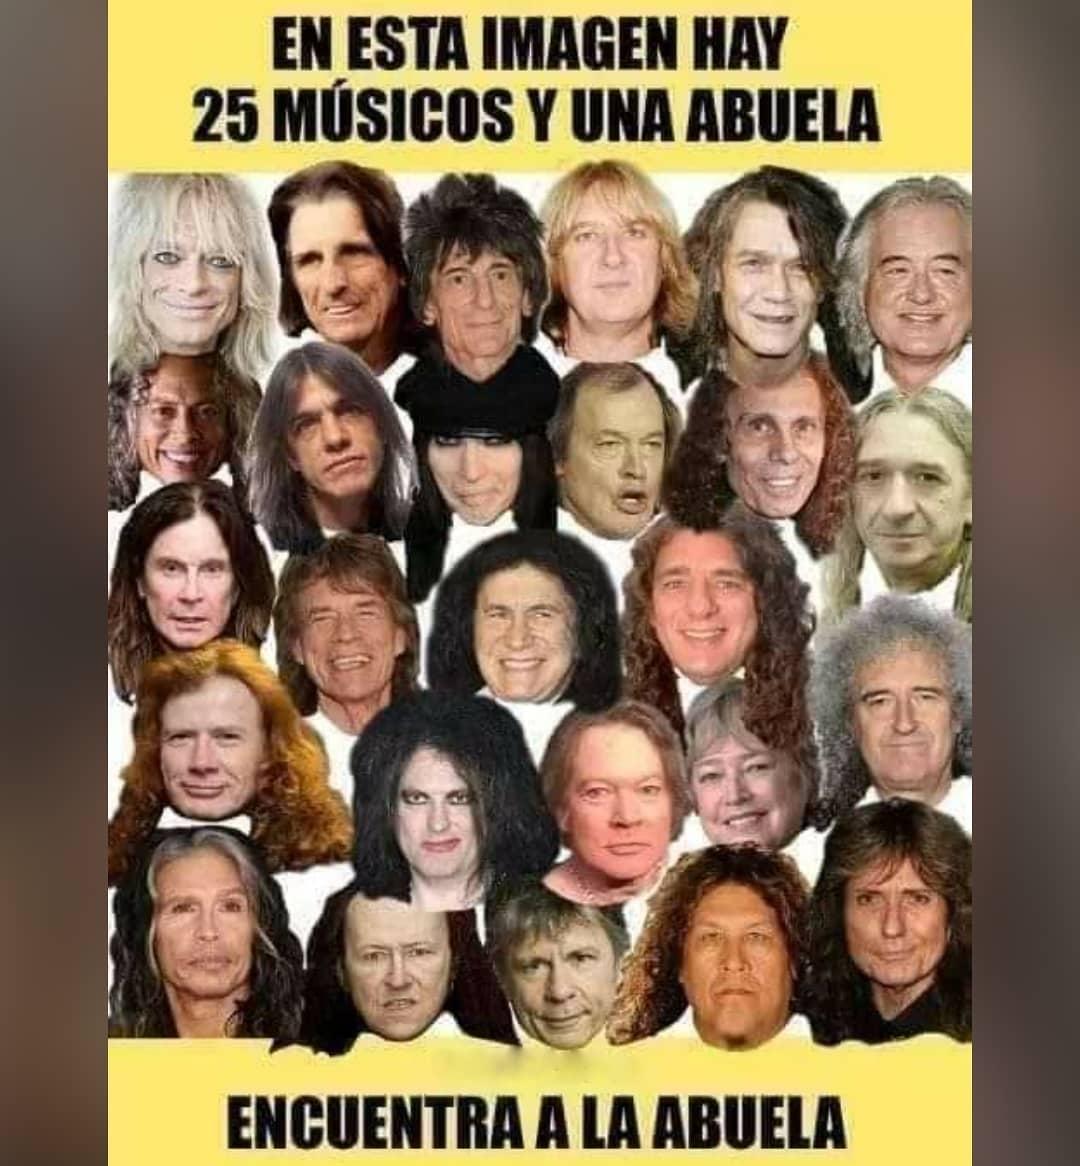 En esta imagen hay 25 músicos y una abuela. Encuentra a la abuela.